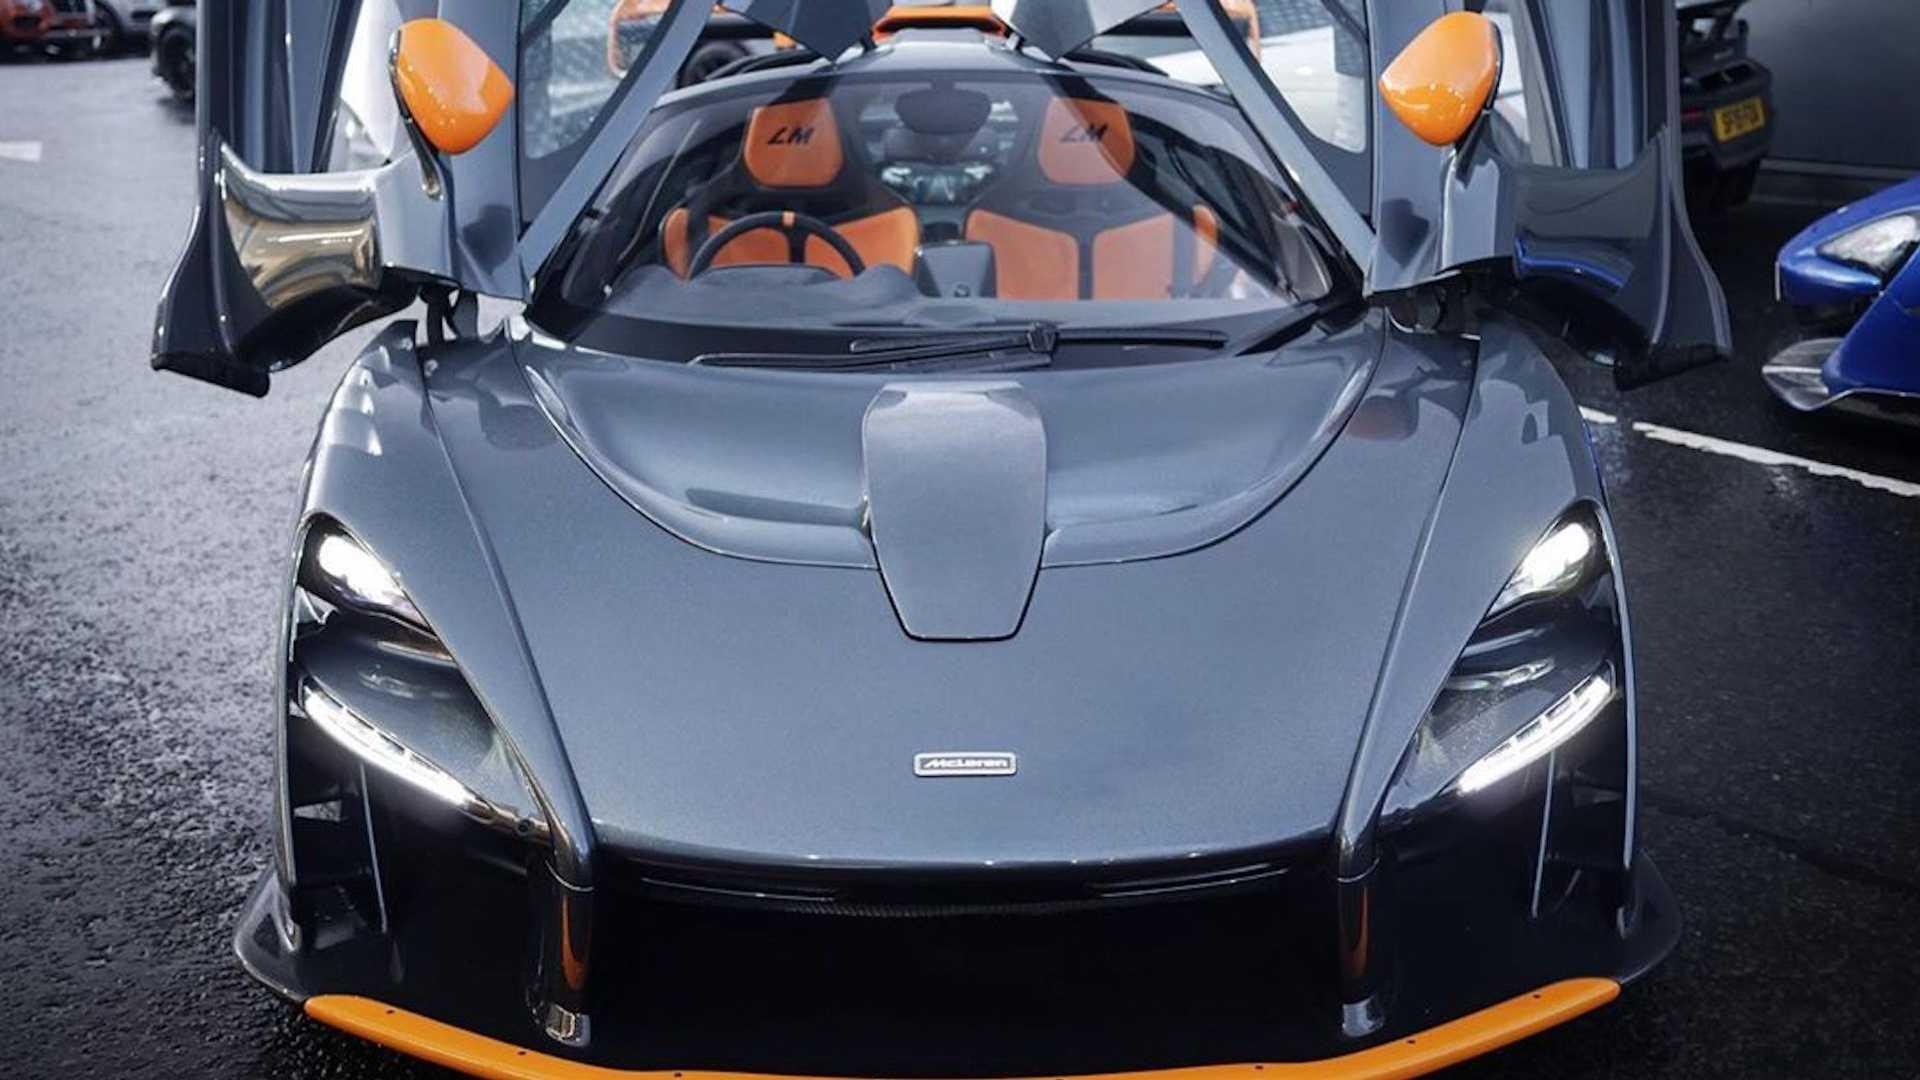 McLaren-Senna-LM-from-McLaren-Glasgow-3